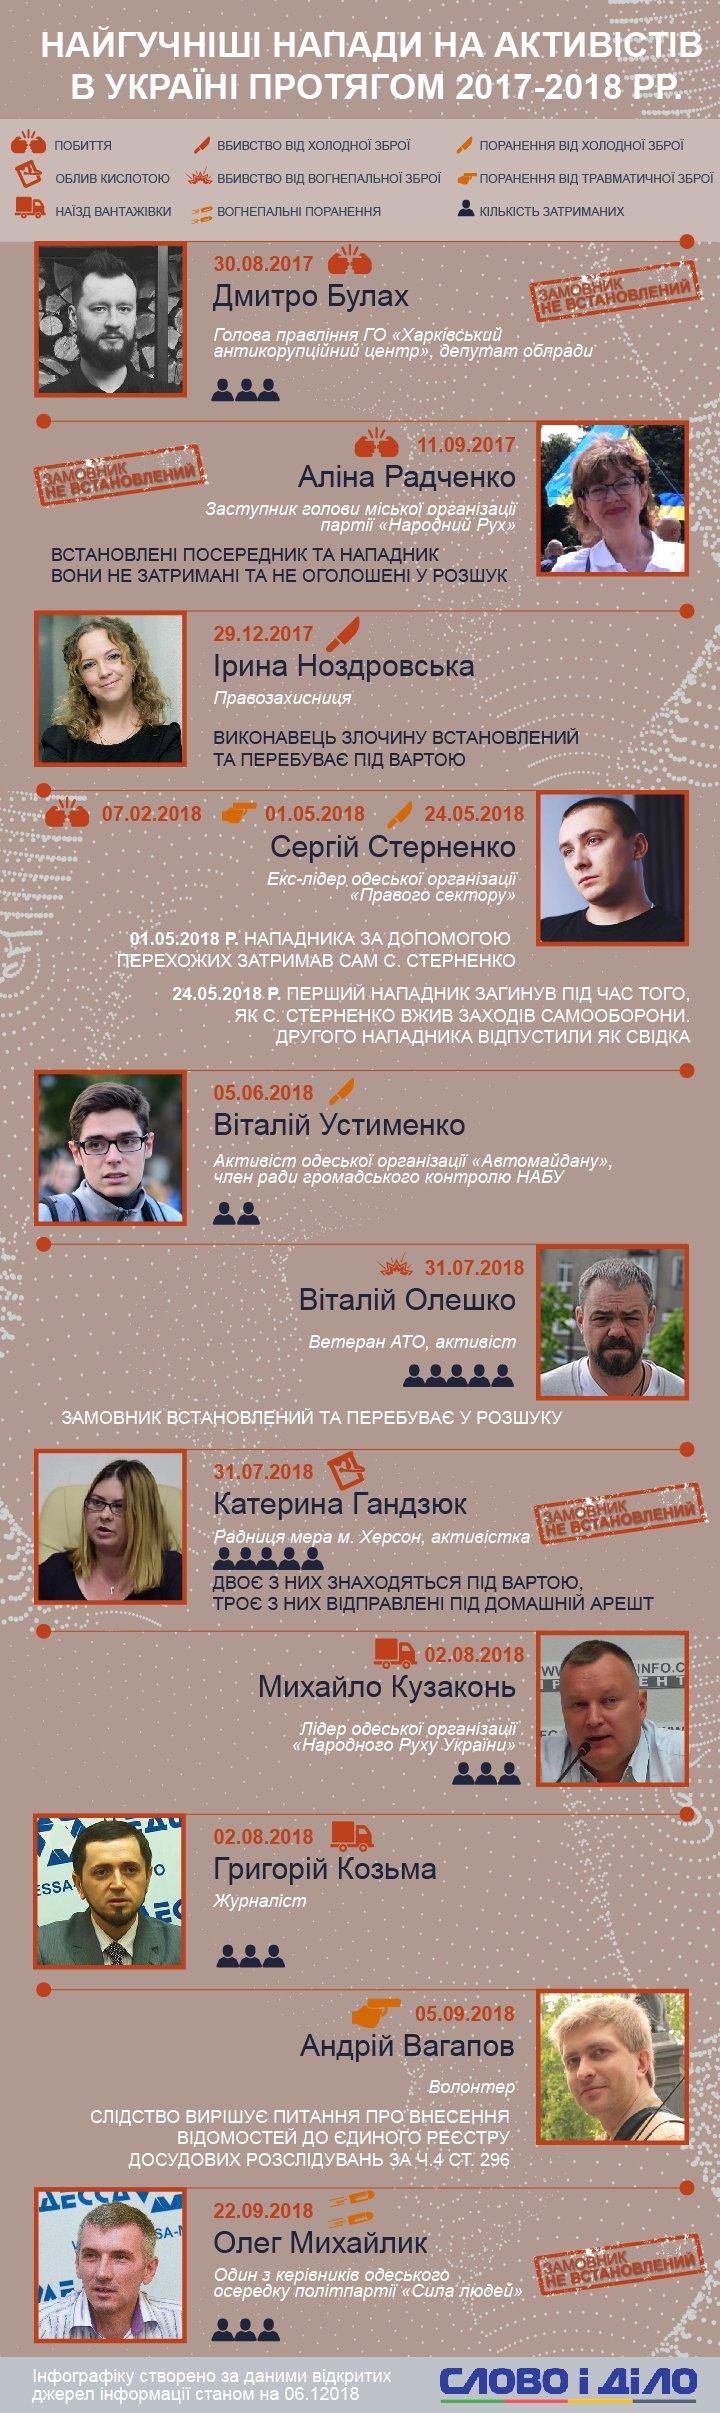 Слово і Діло сьогодні згадує найгучніші напади на активістів в Україні за минулий і цей рік.